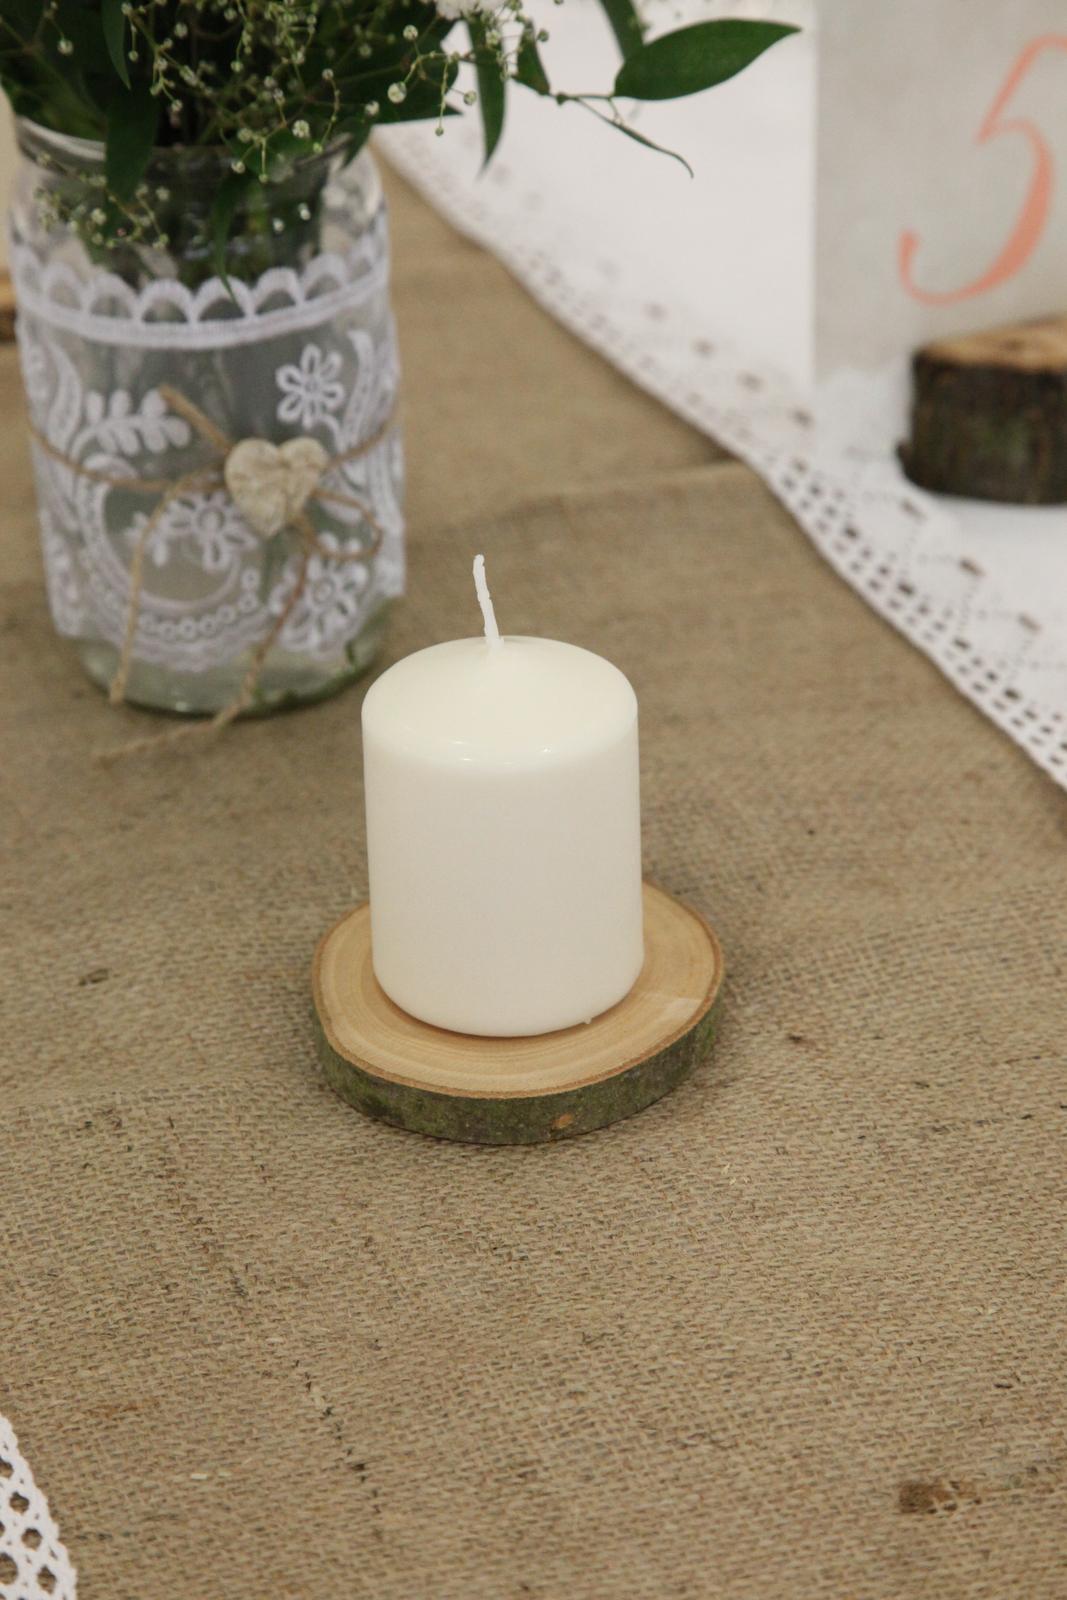 Drevený plát pod sviečku - Obrázok č. 1